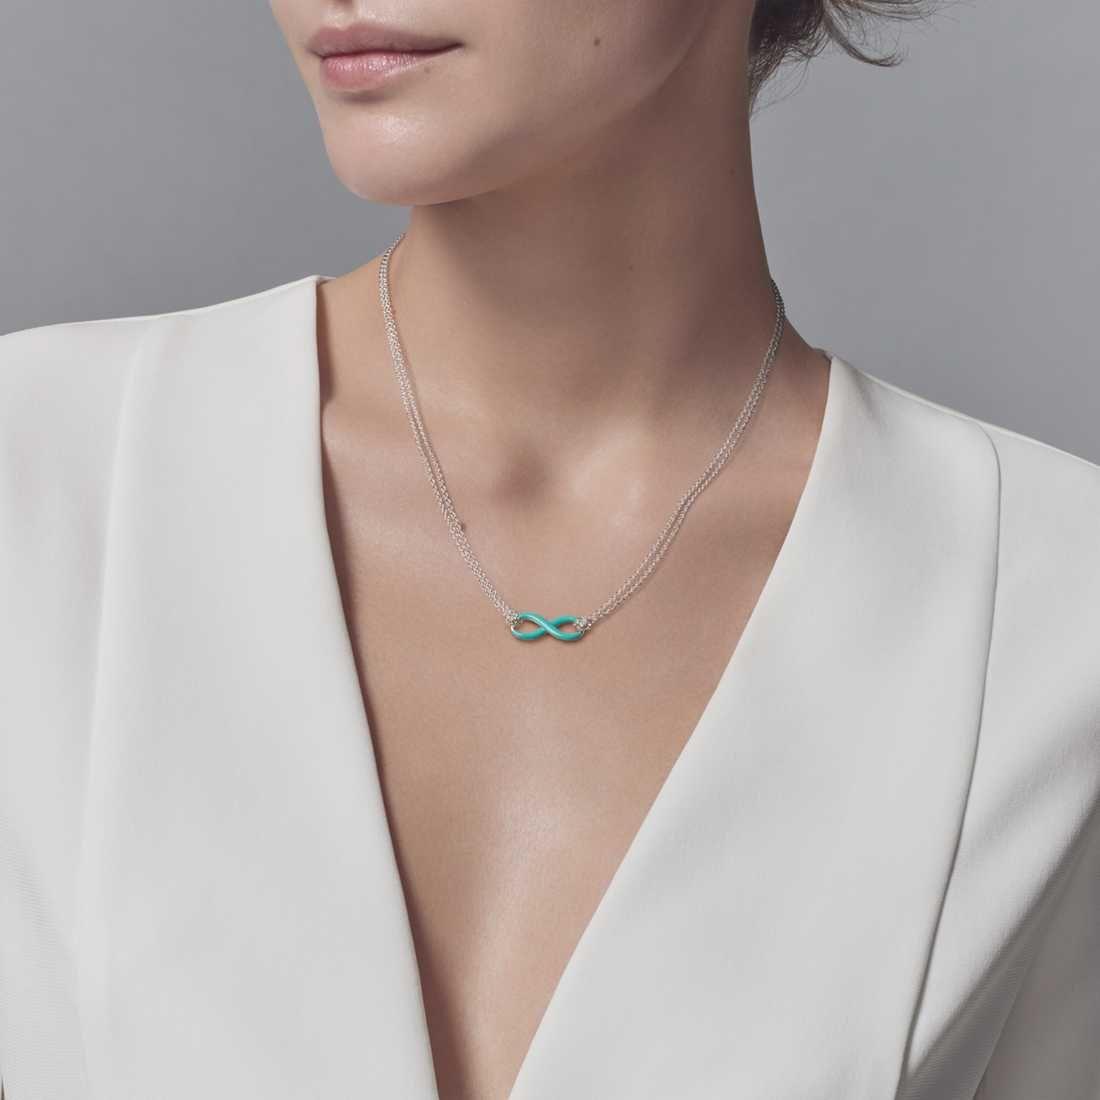 a6d1da172a63 Tiffany Infinity Pendant model-shot-1